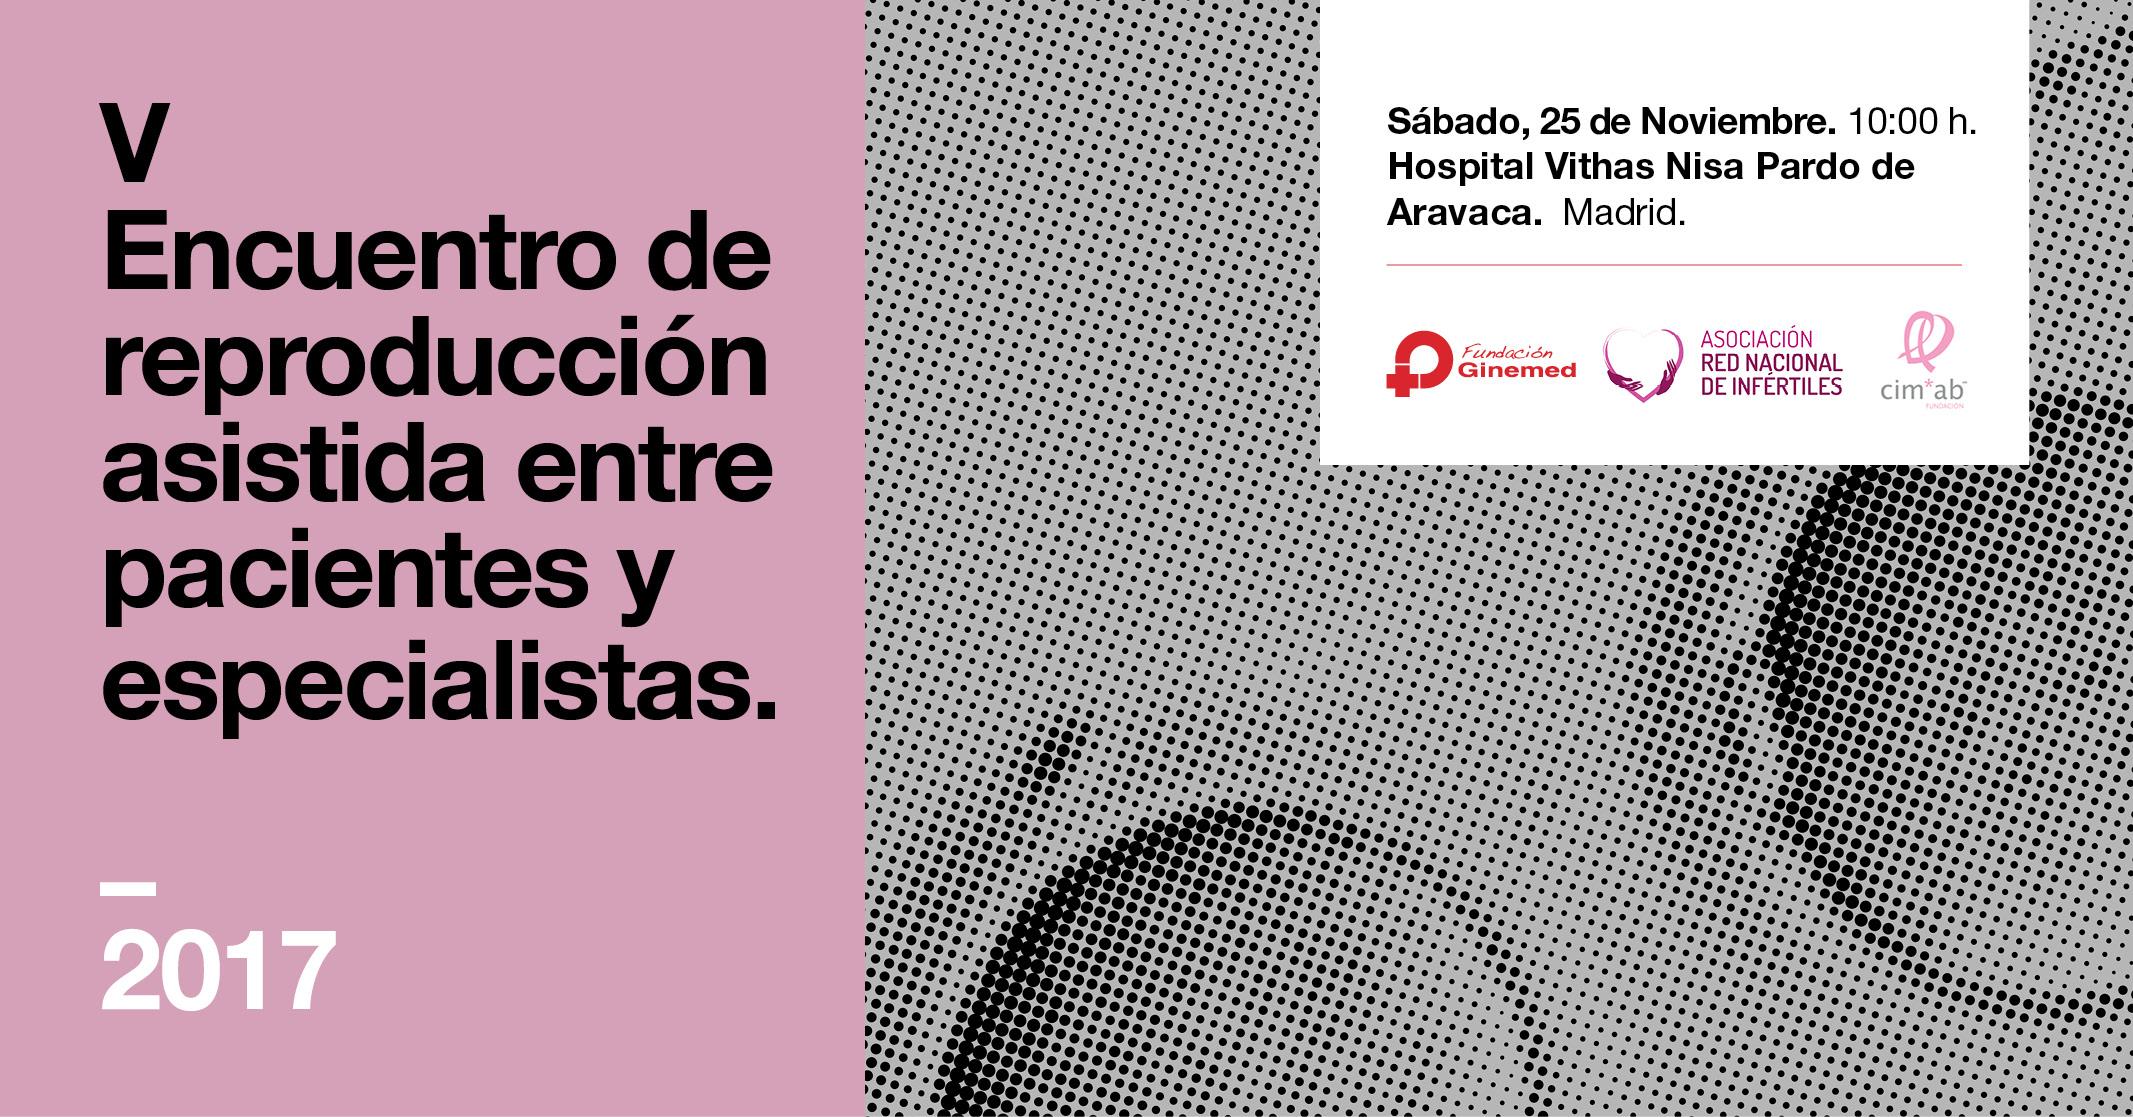 Cartel V Encuentro de reproducción asistida entre pacientes y especialistas